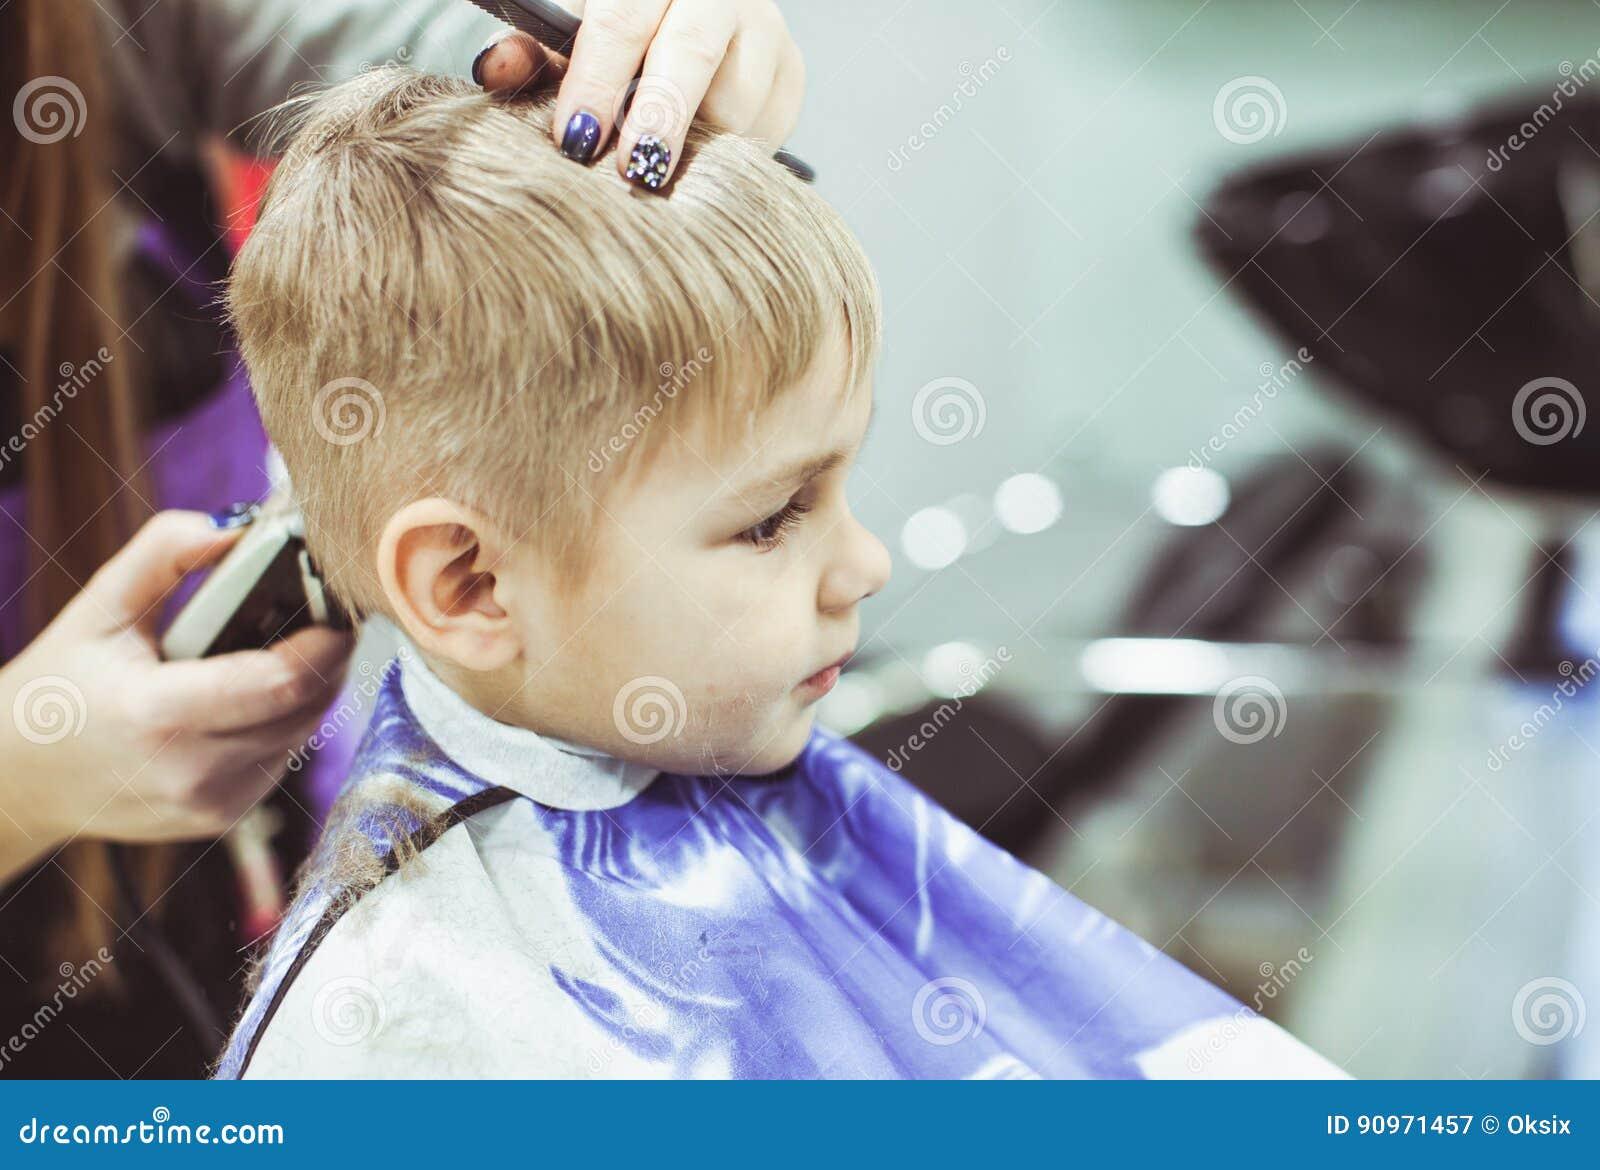 Kleiner Junge Macht Frisur Am Friseur Stockbild Bild Von Abnehmer